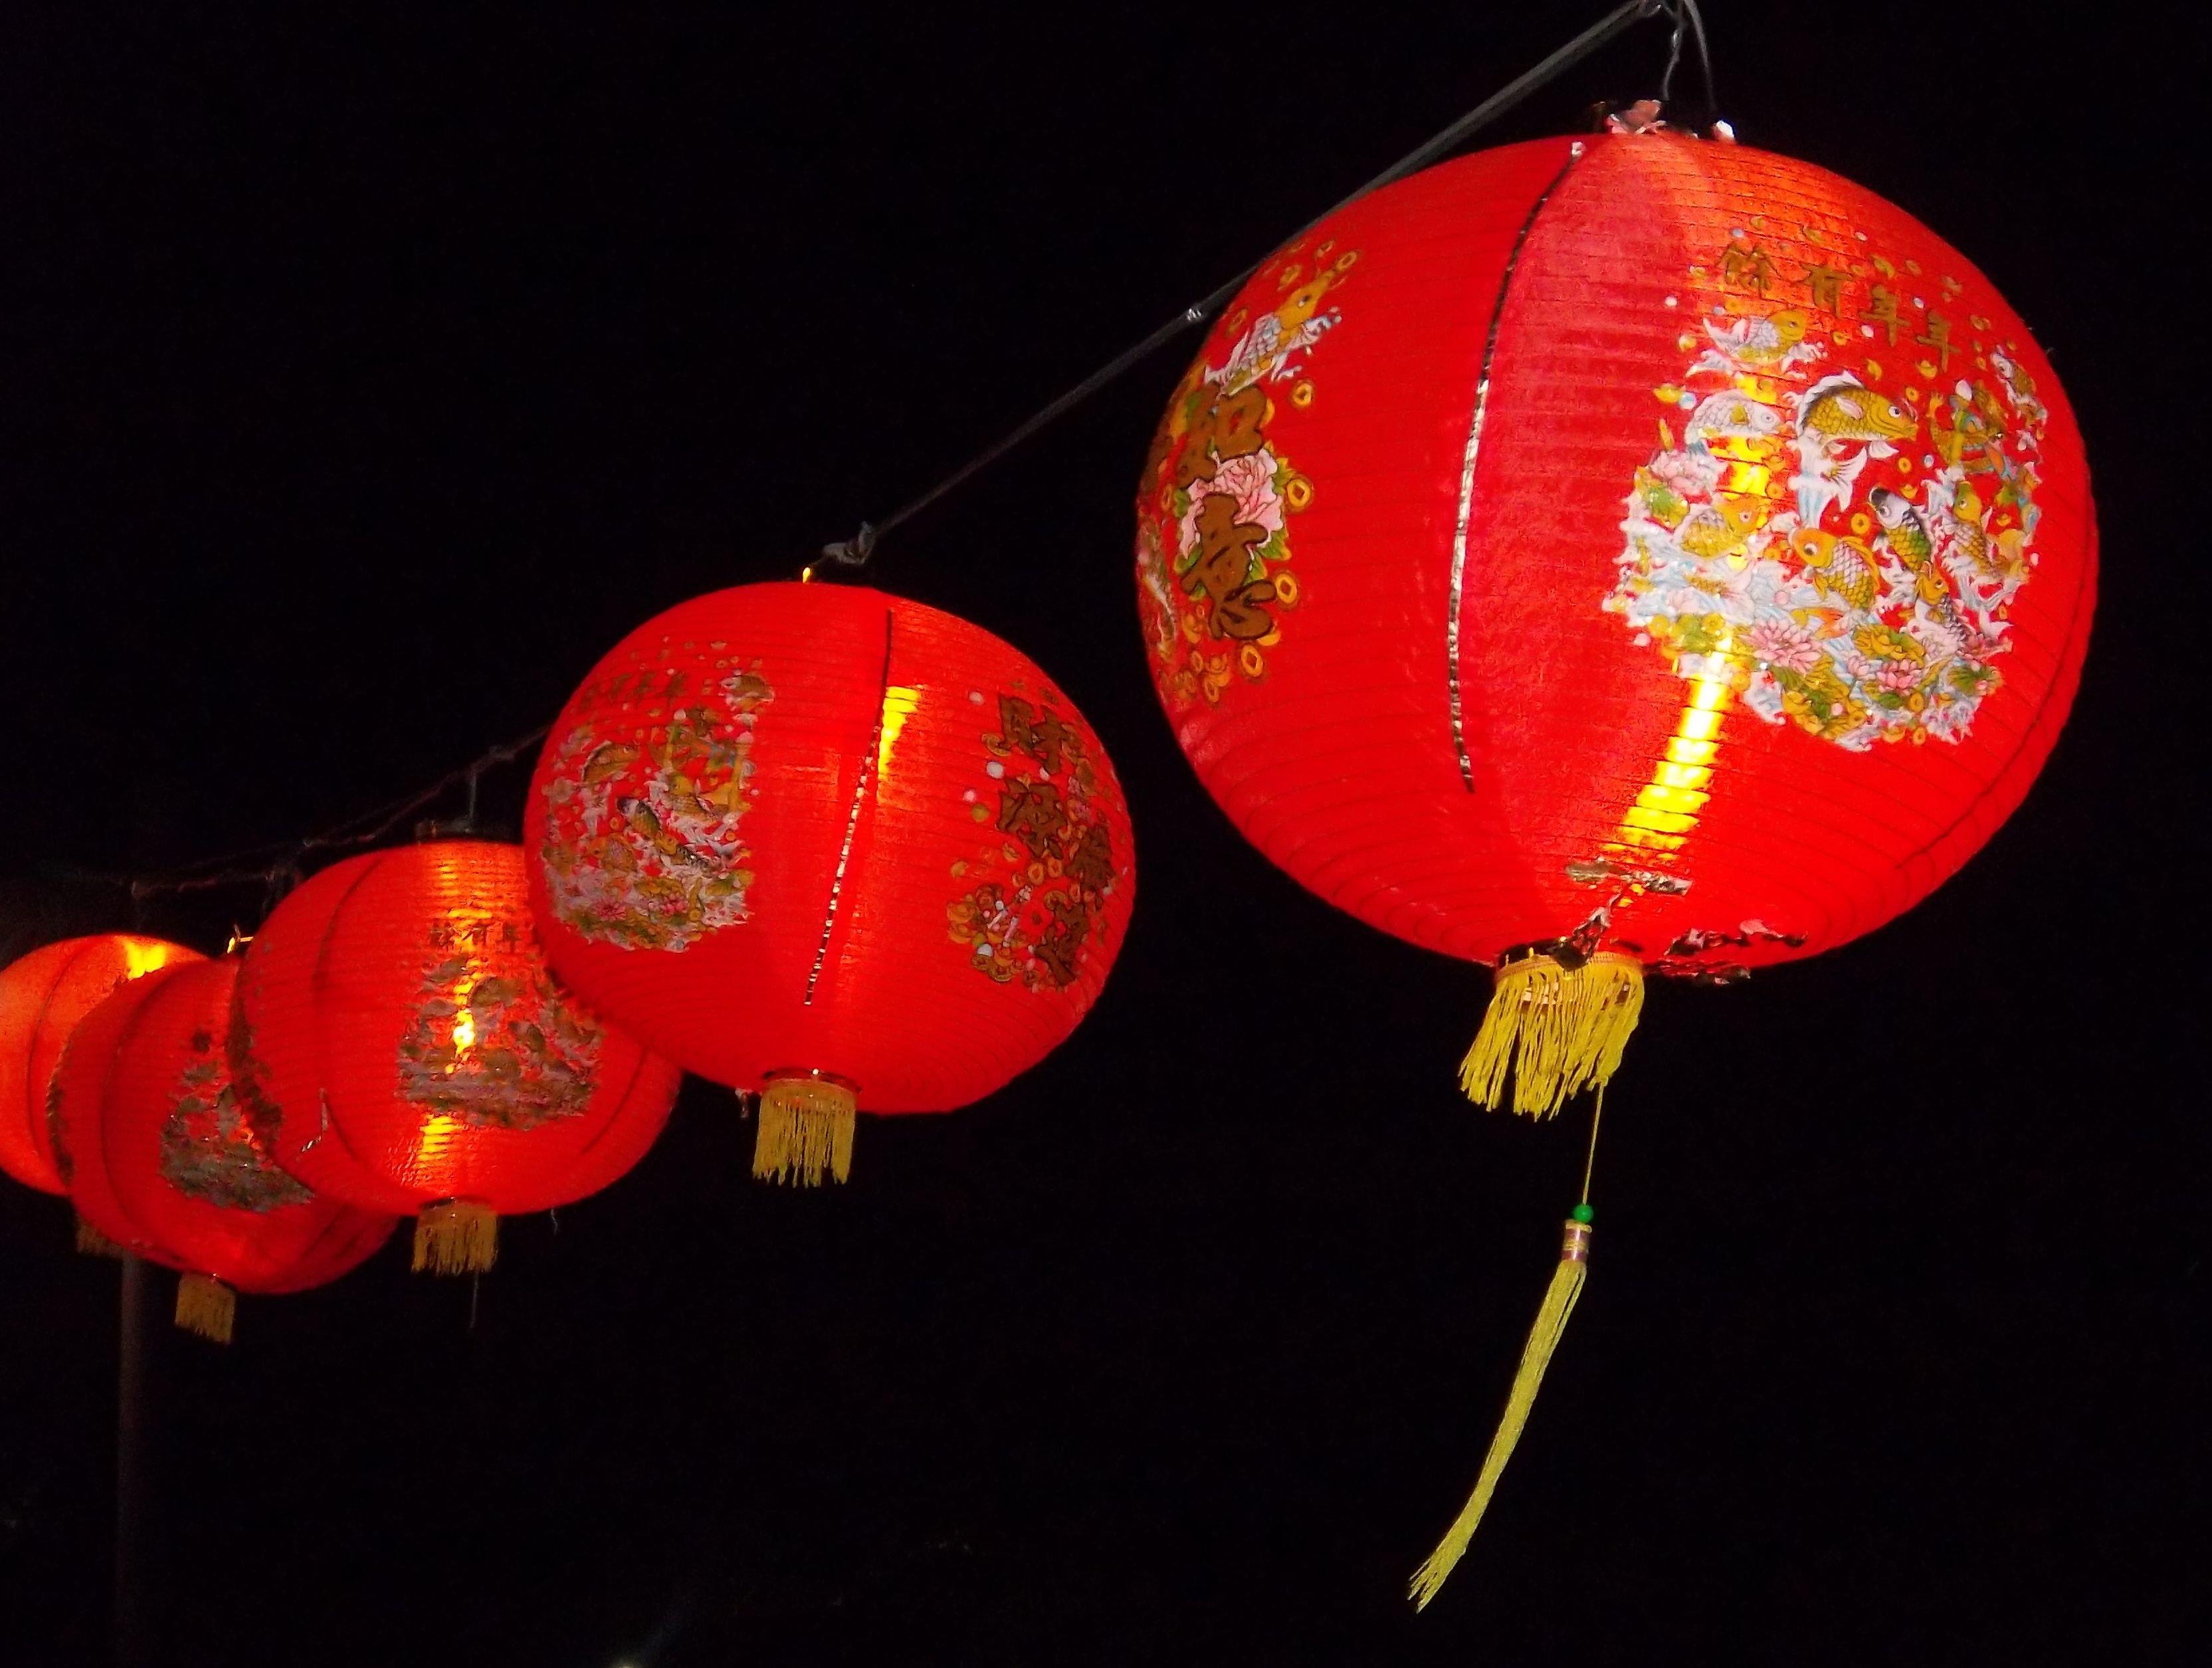 Chinese Lantern Wallpaper - WallpaperSafari